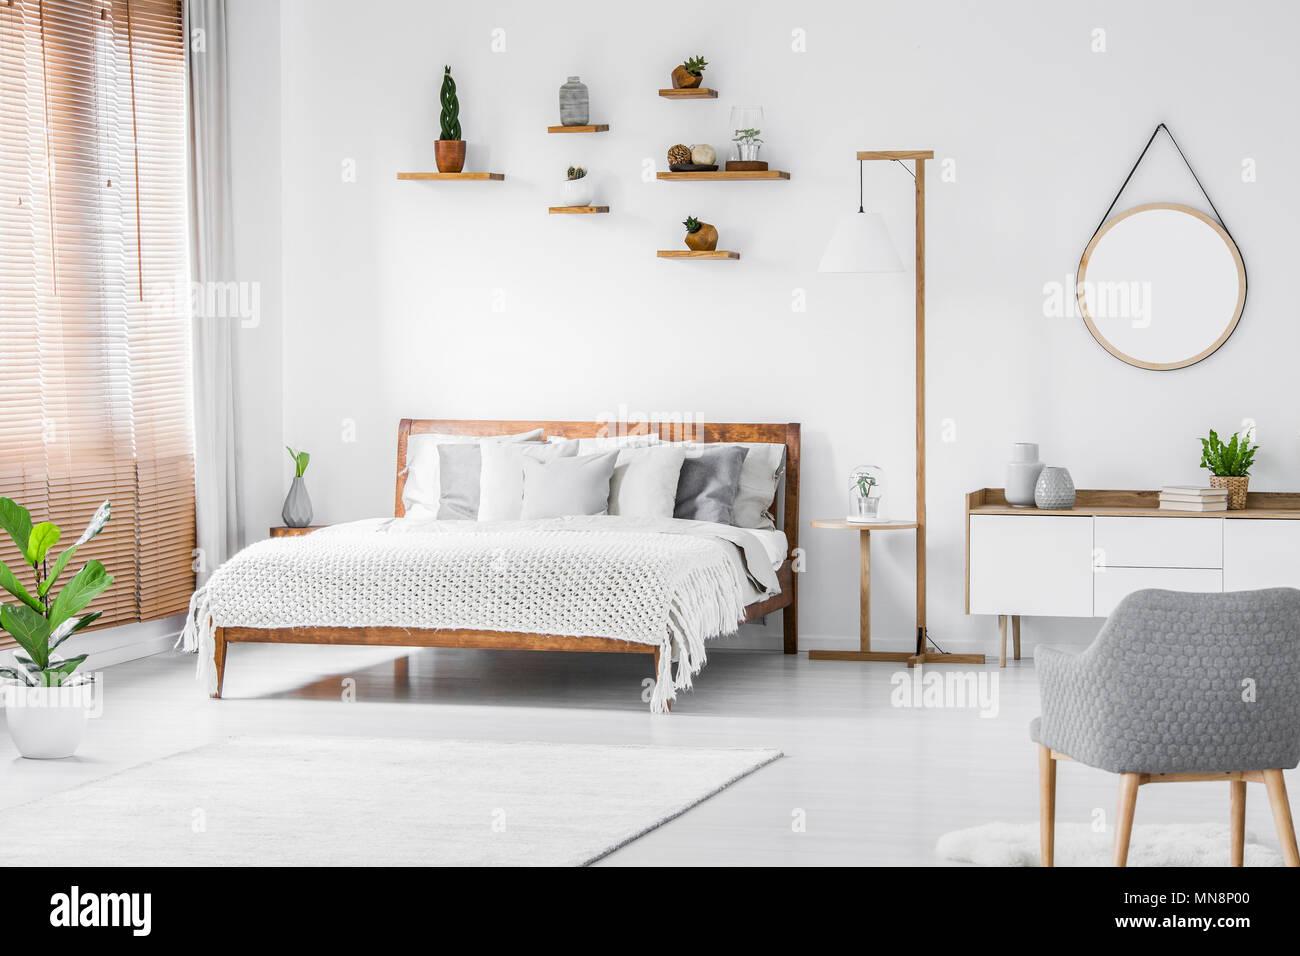 Camera Da Letto Bianco E Grigio : Specchio rotondo sopra credenza in bianco e grigio interiore camera